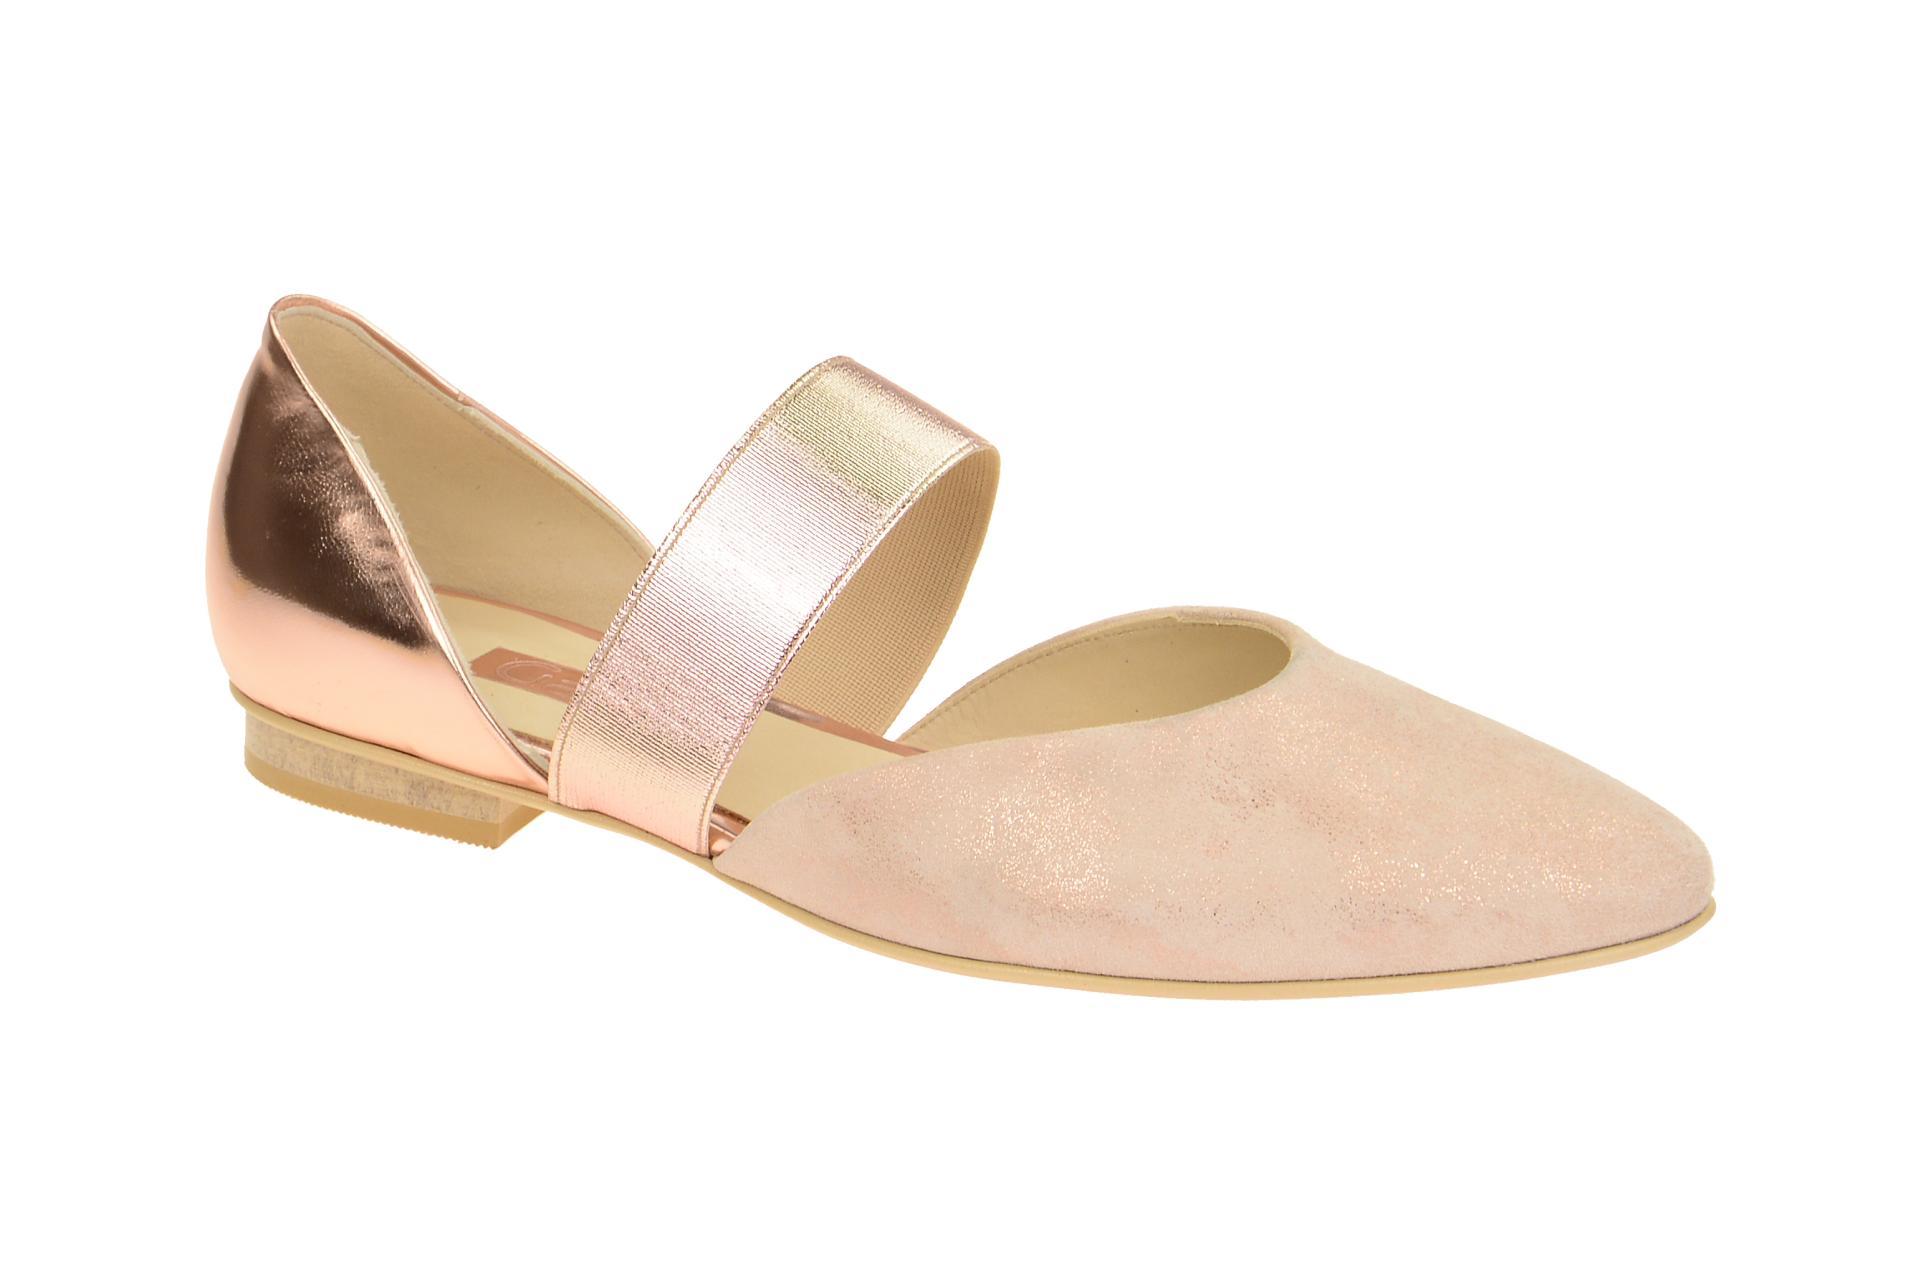 Gabor Schuhe online kaufen - Schuhhaus Strauch 4aa36f18ba